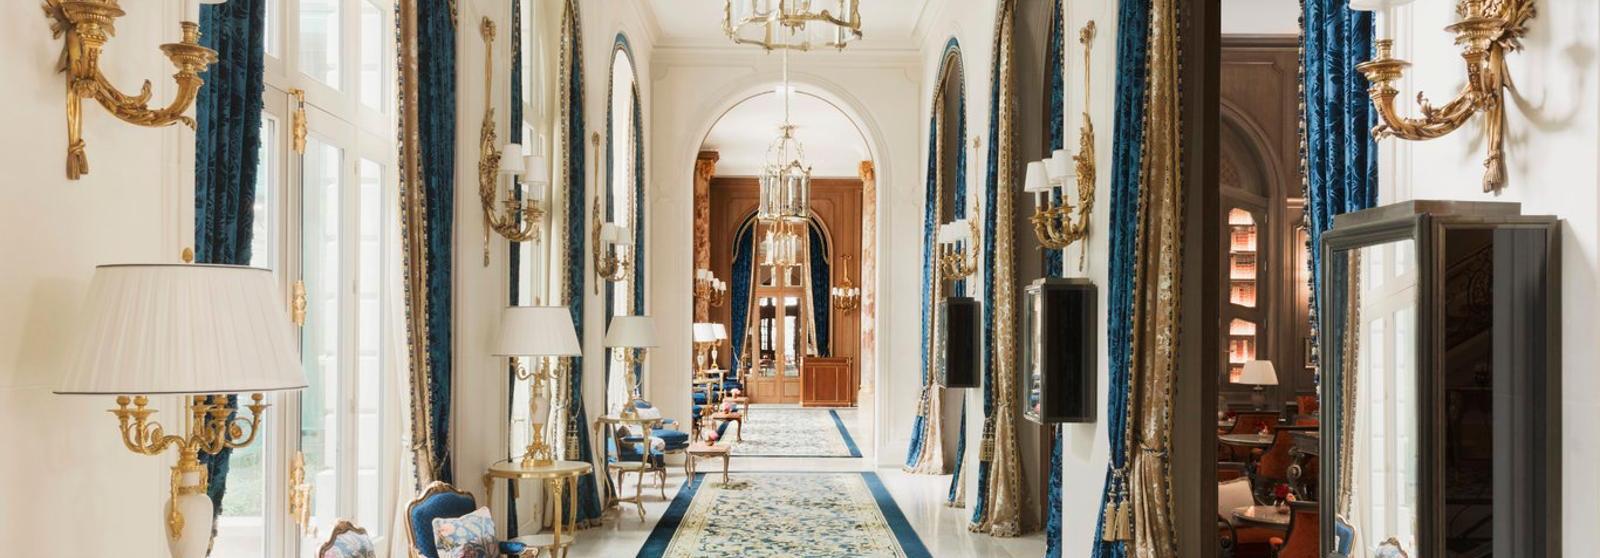 巴黎丽兹酒店(Ritz Paris) 酒店大厅图片  www.lhw.cn